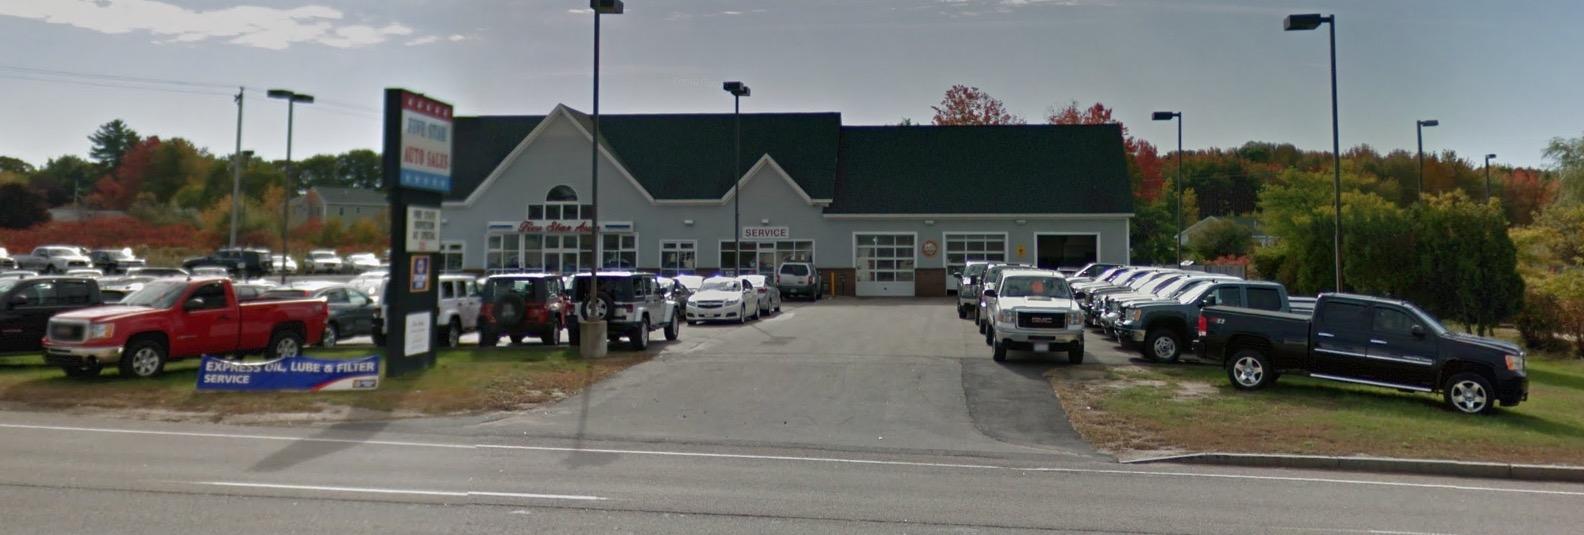 Five Star Auto >> Five Star Auto Sales Maine Auto Mall